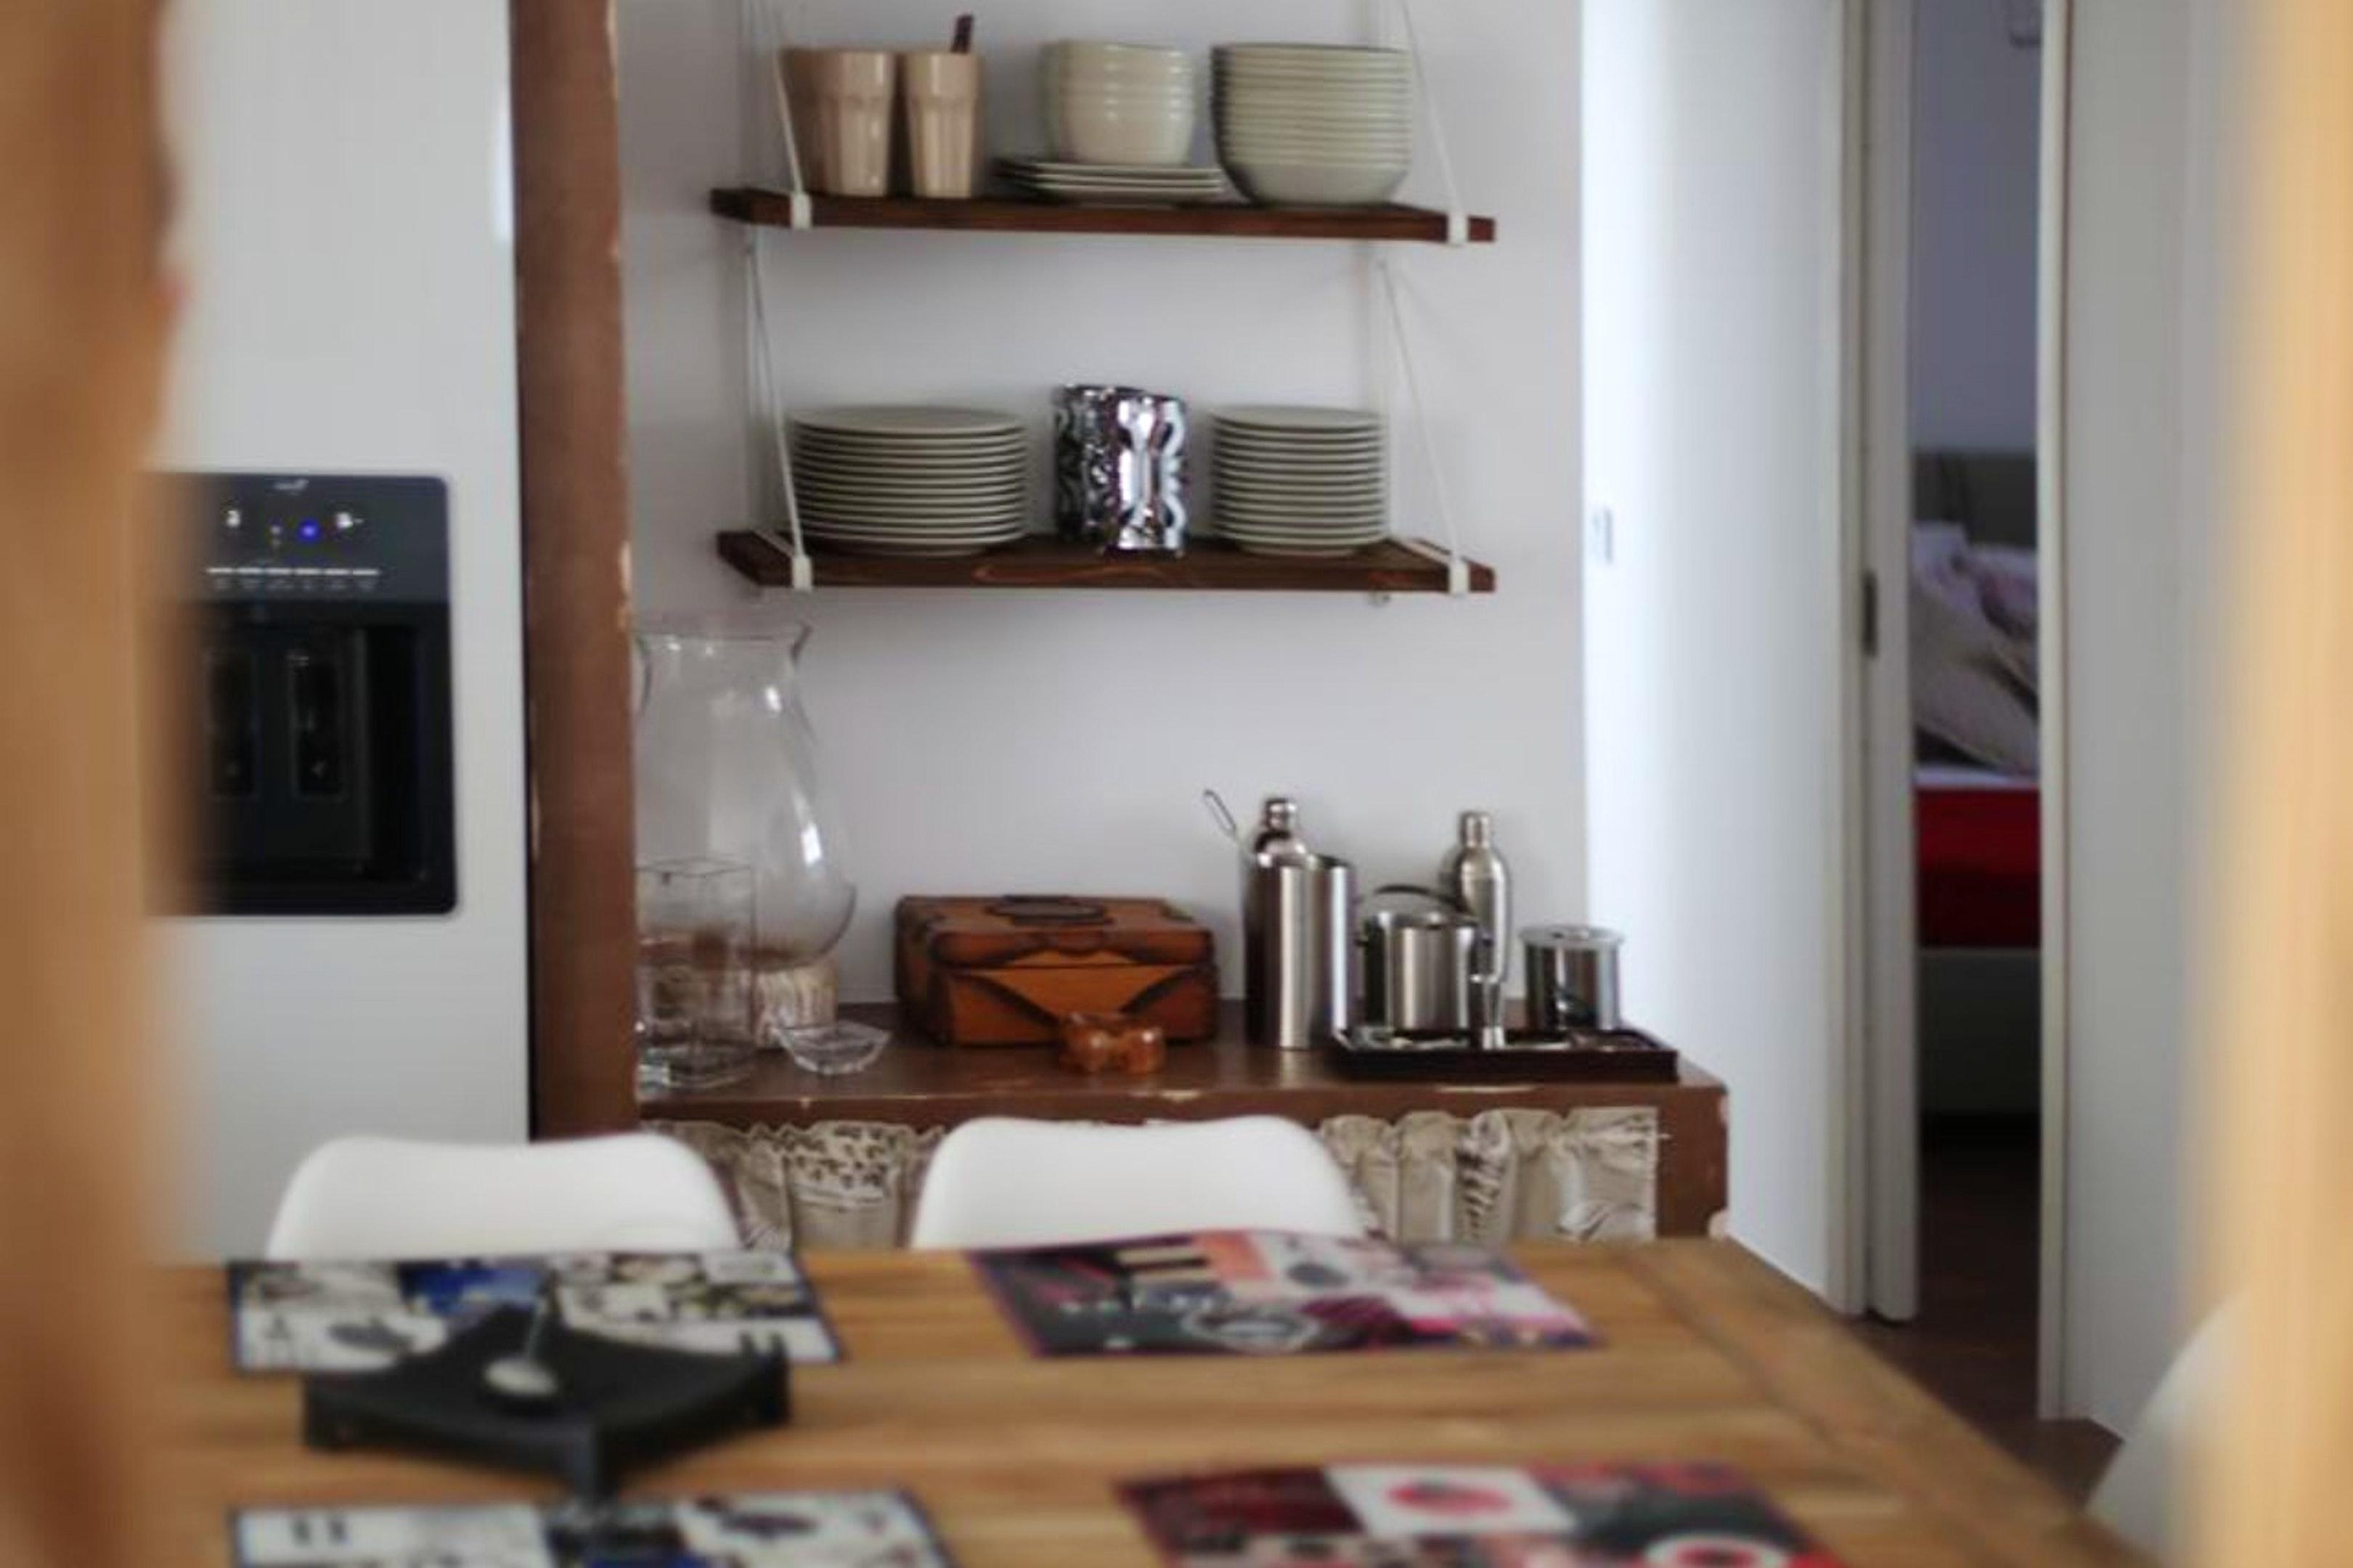 Maison de vacances Haus mit 4 Schlafzimmern in Sant Francesc Xavier mit Terrasse und W-LAN (2700592), San Francisco Javier, Formentera, Iles Baléares, Espagne, image 29